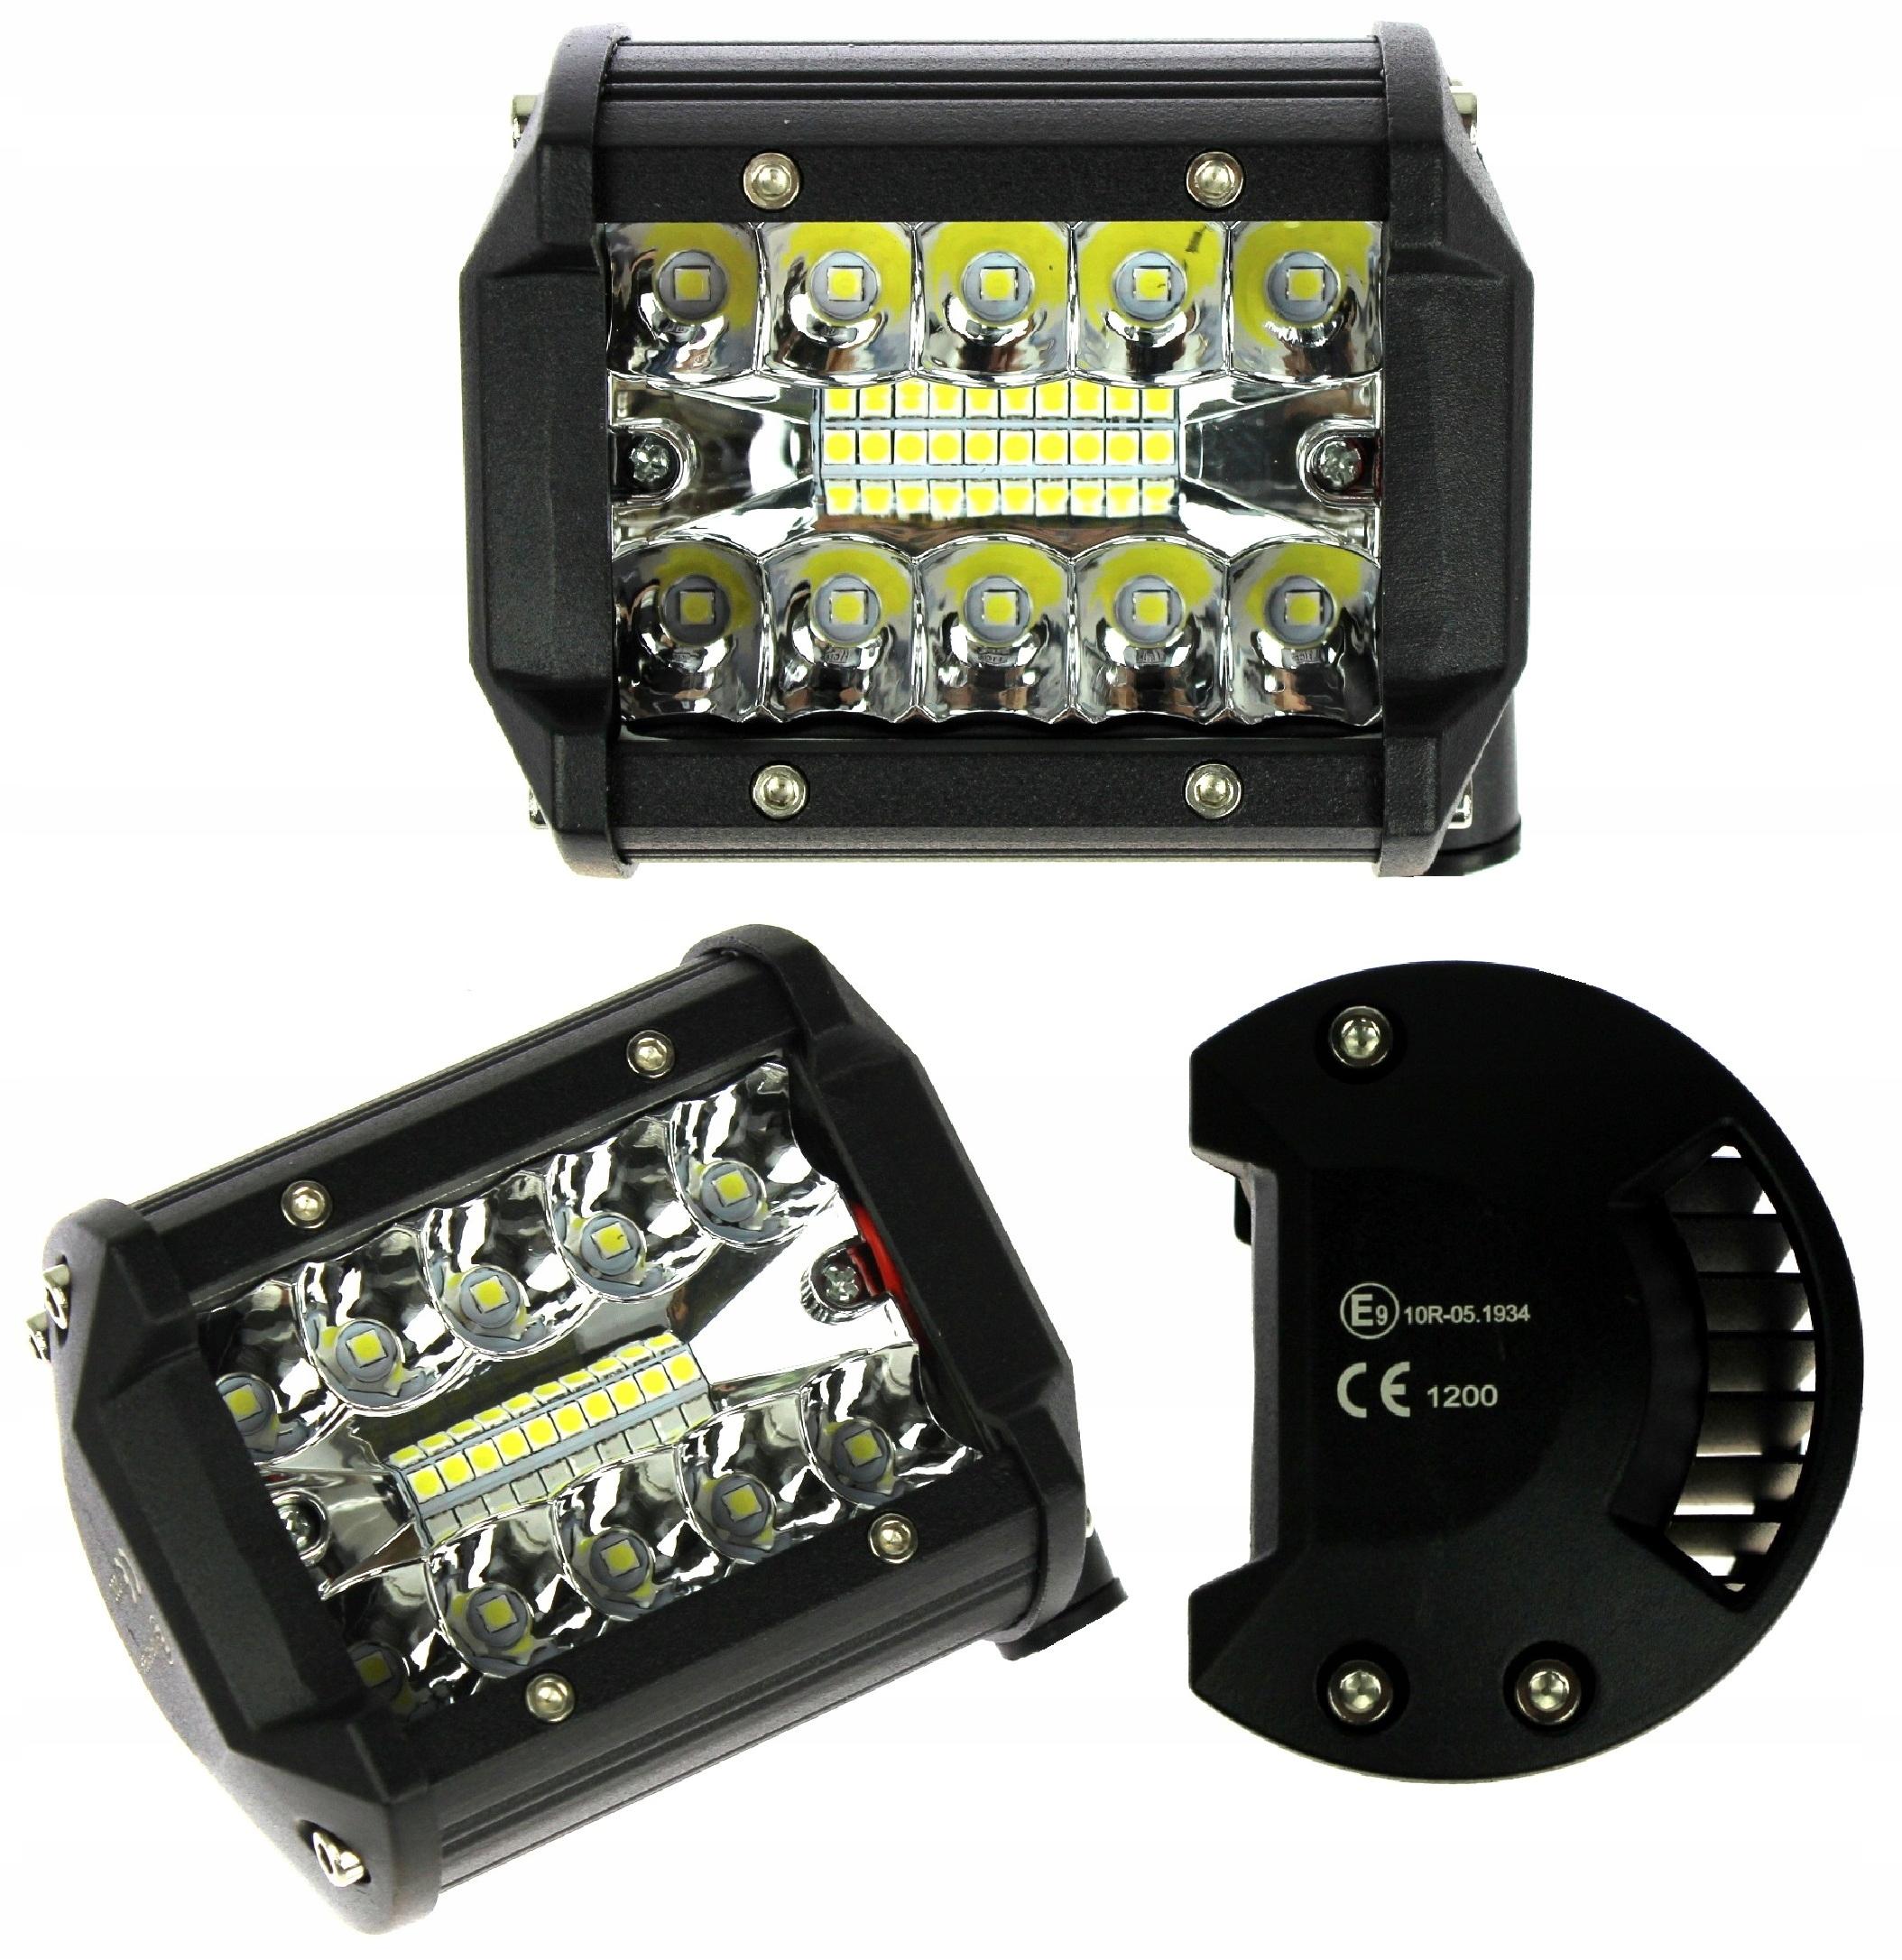 лампа рабочая 20 led панель 60w cree 12v 24v комбо